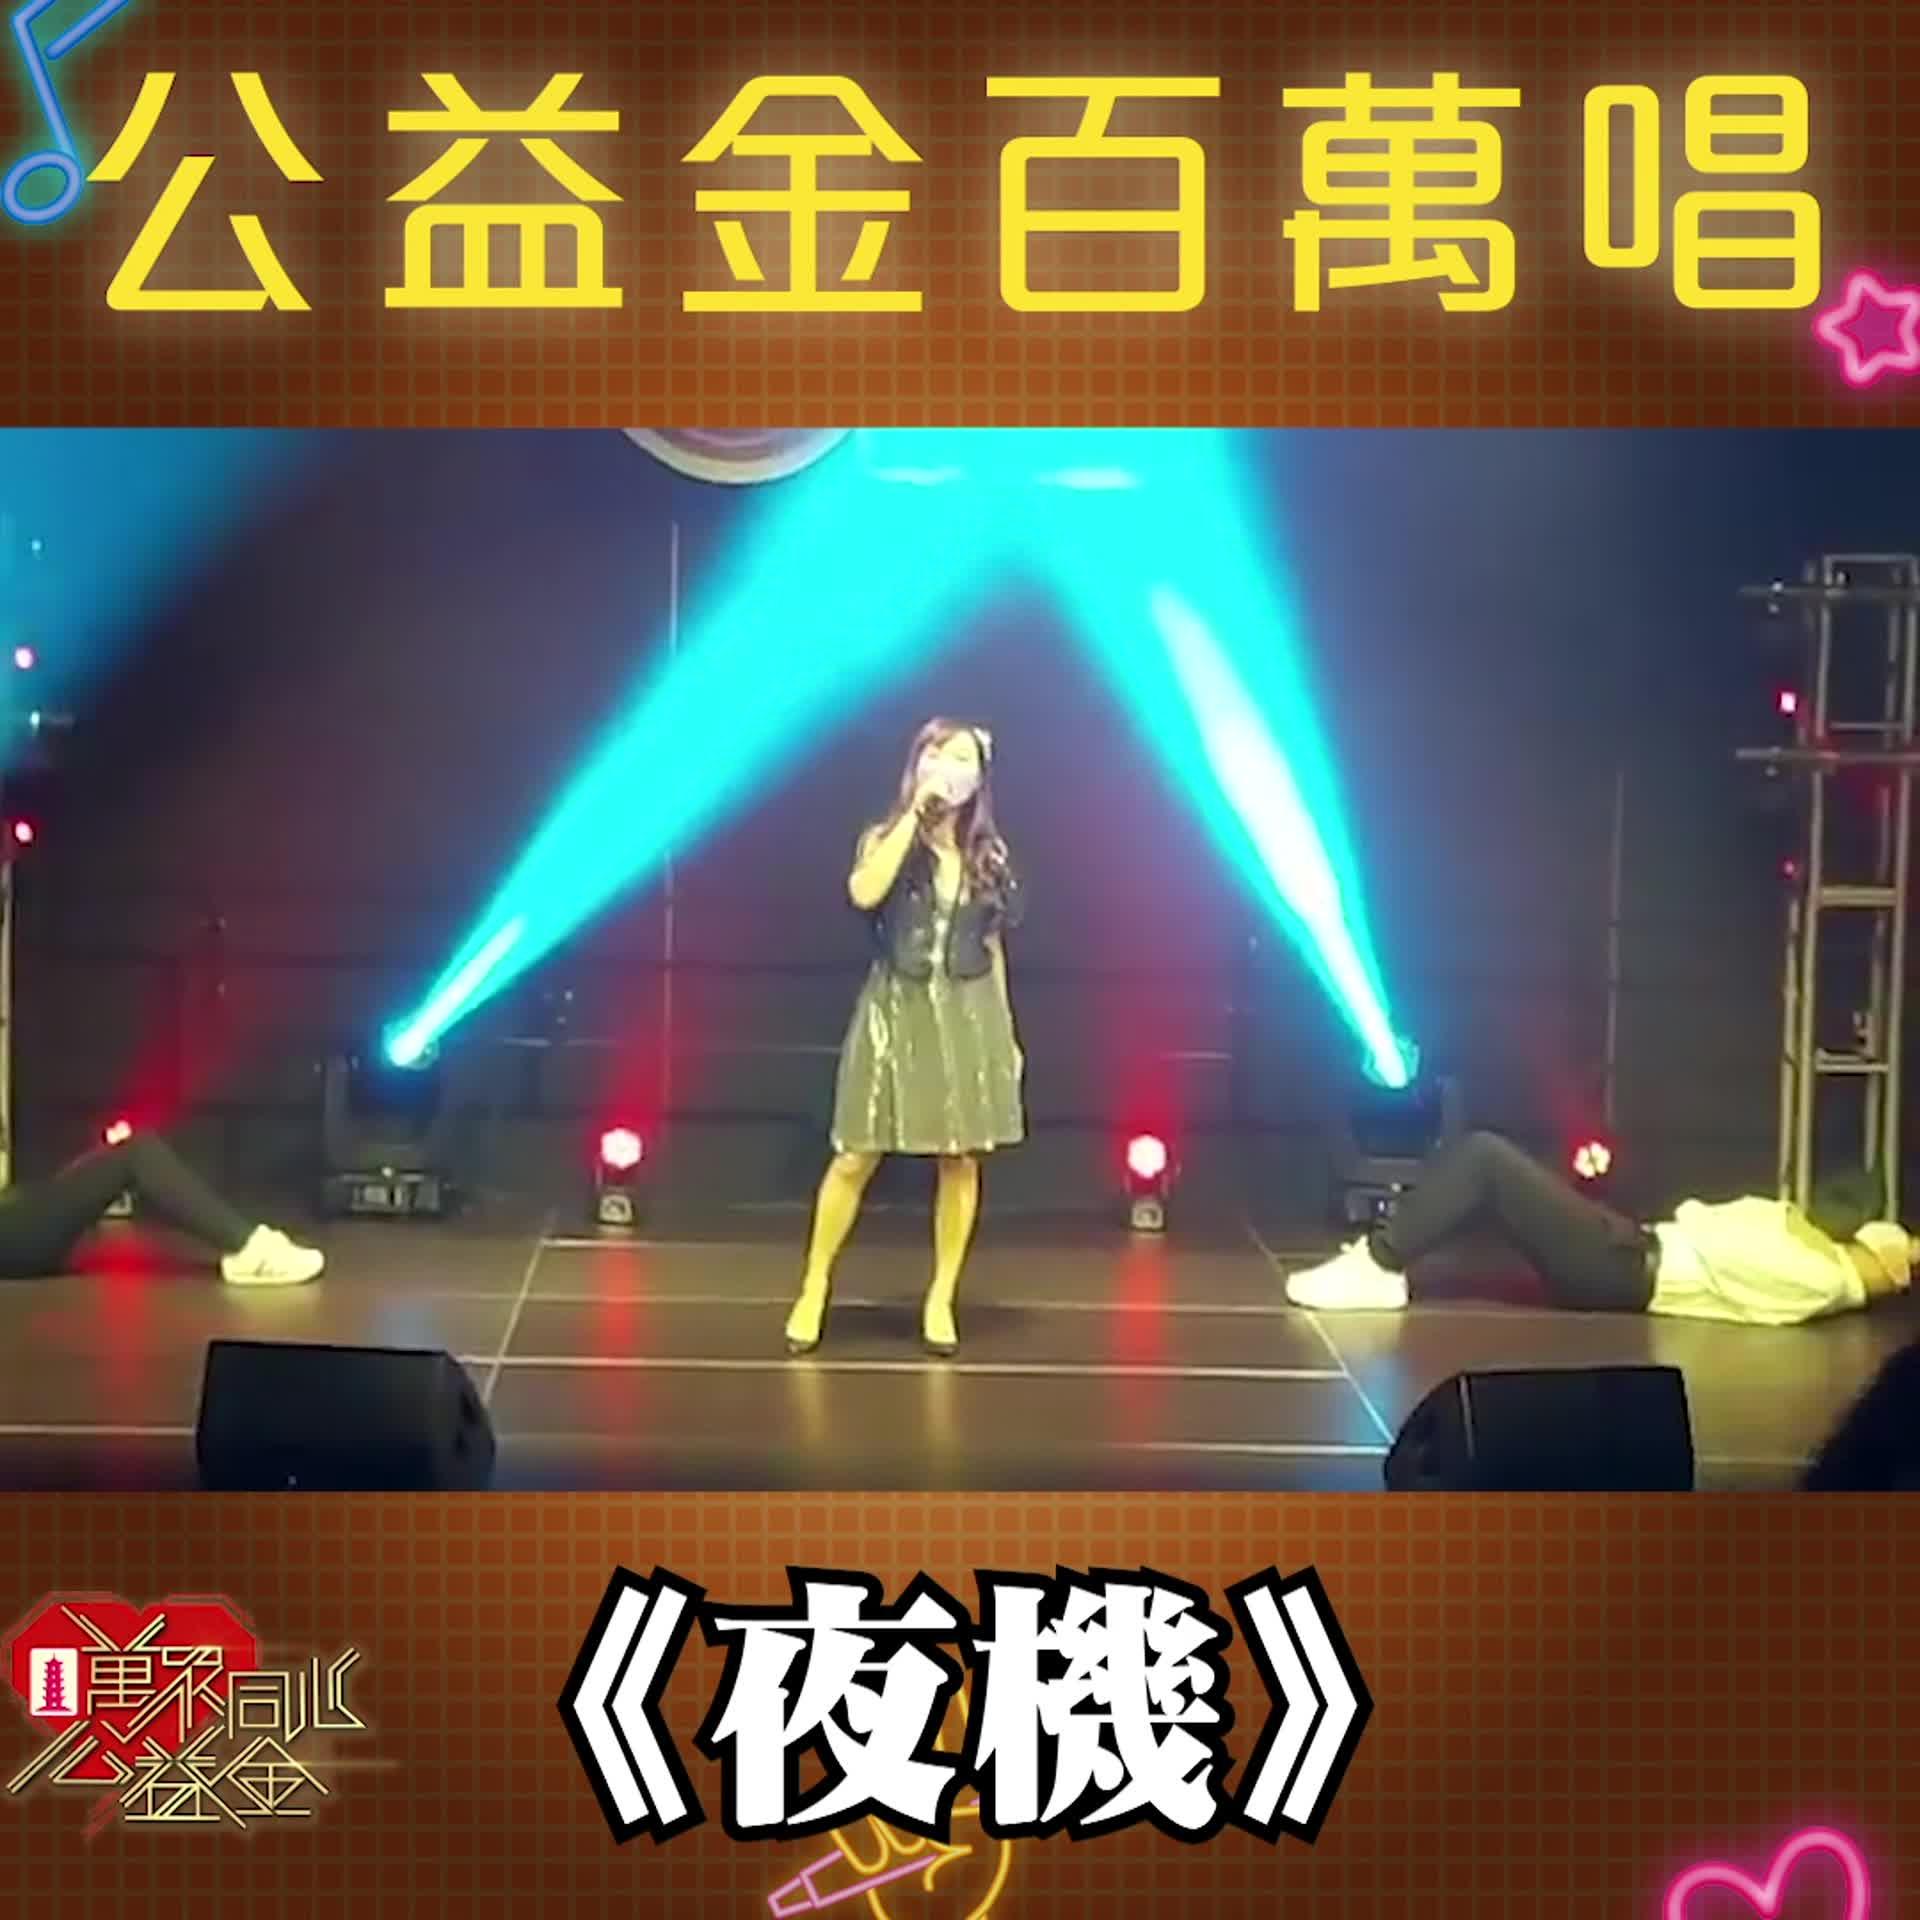 【2021公益金百萬唱】【夜機】參加者 :關幗玲  參考編號:3